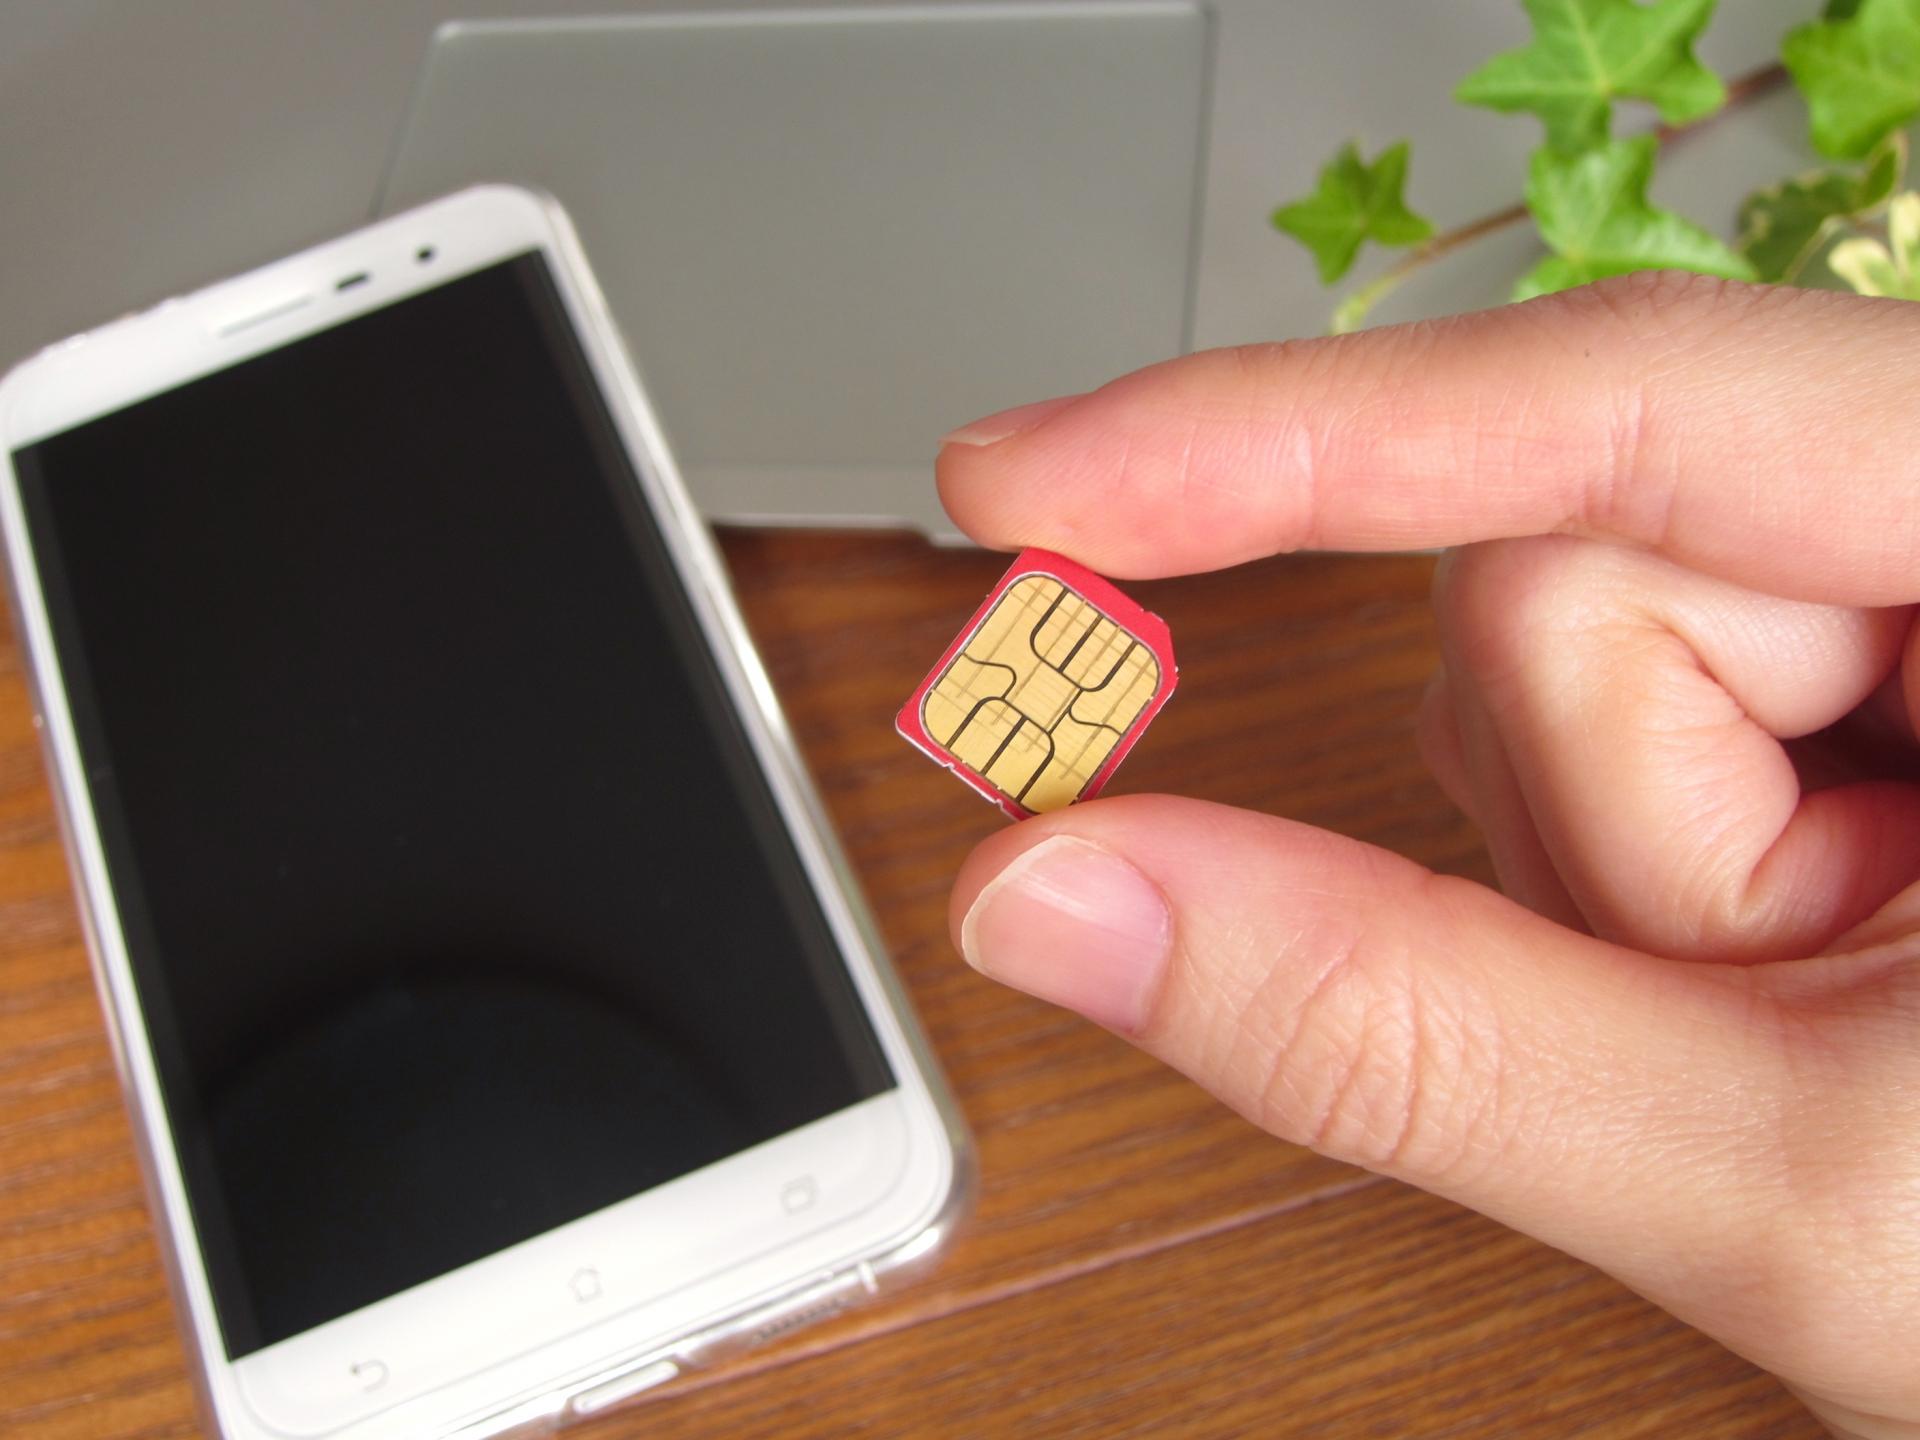 長崎県で格安SIMを申し込むならどれがいい?おすすめ格安SIM11選!【ながさーちPR】